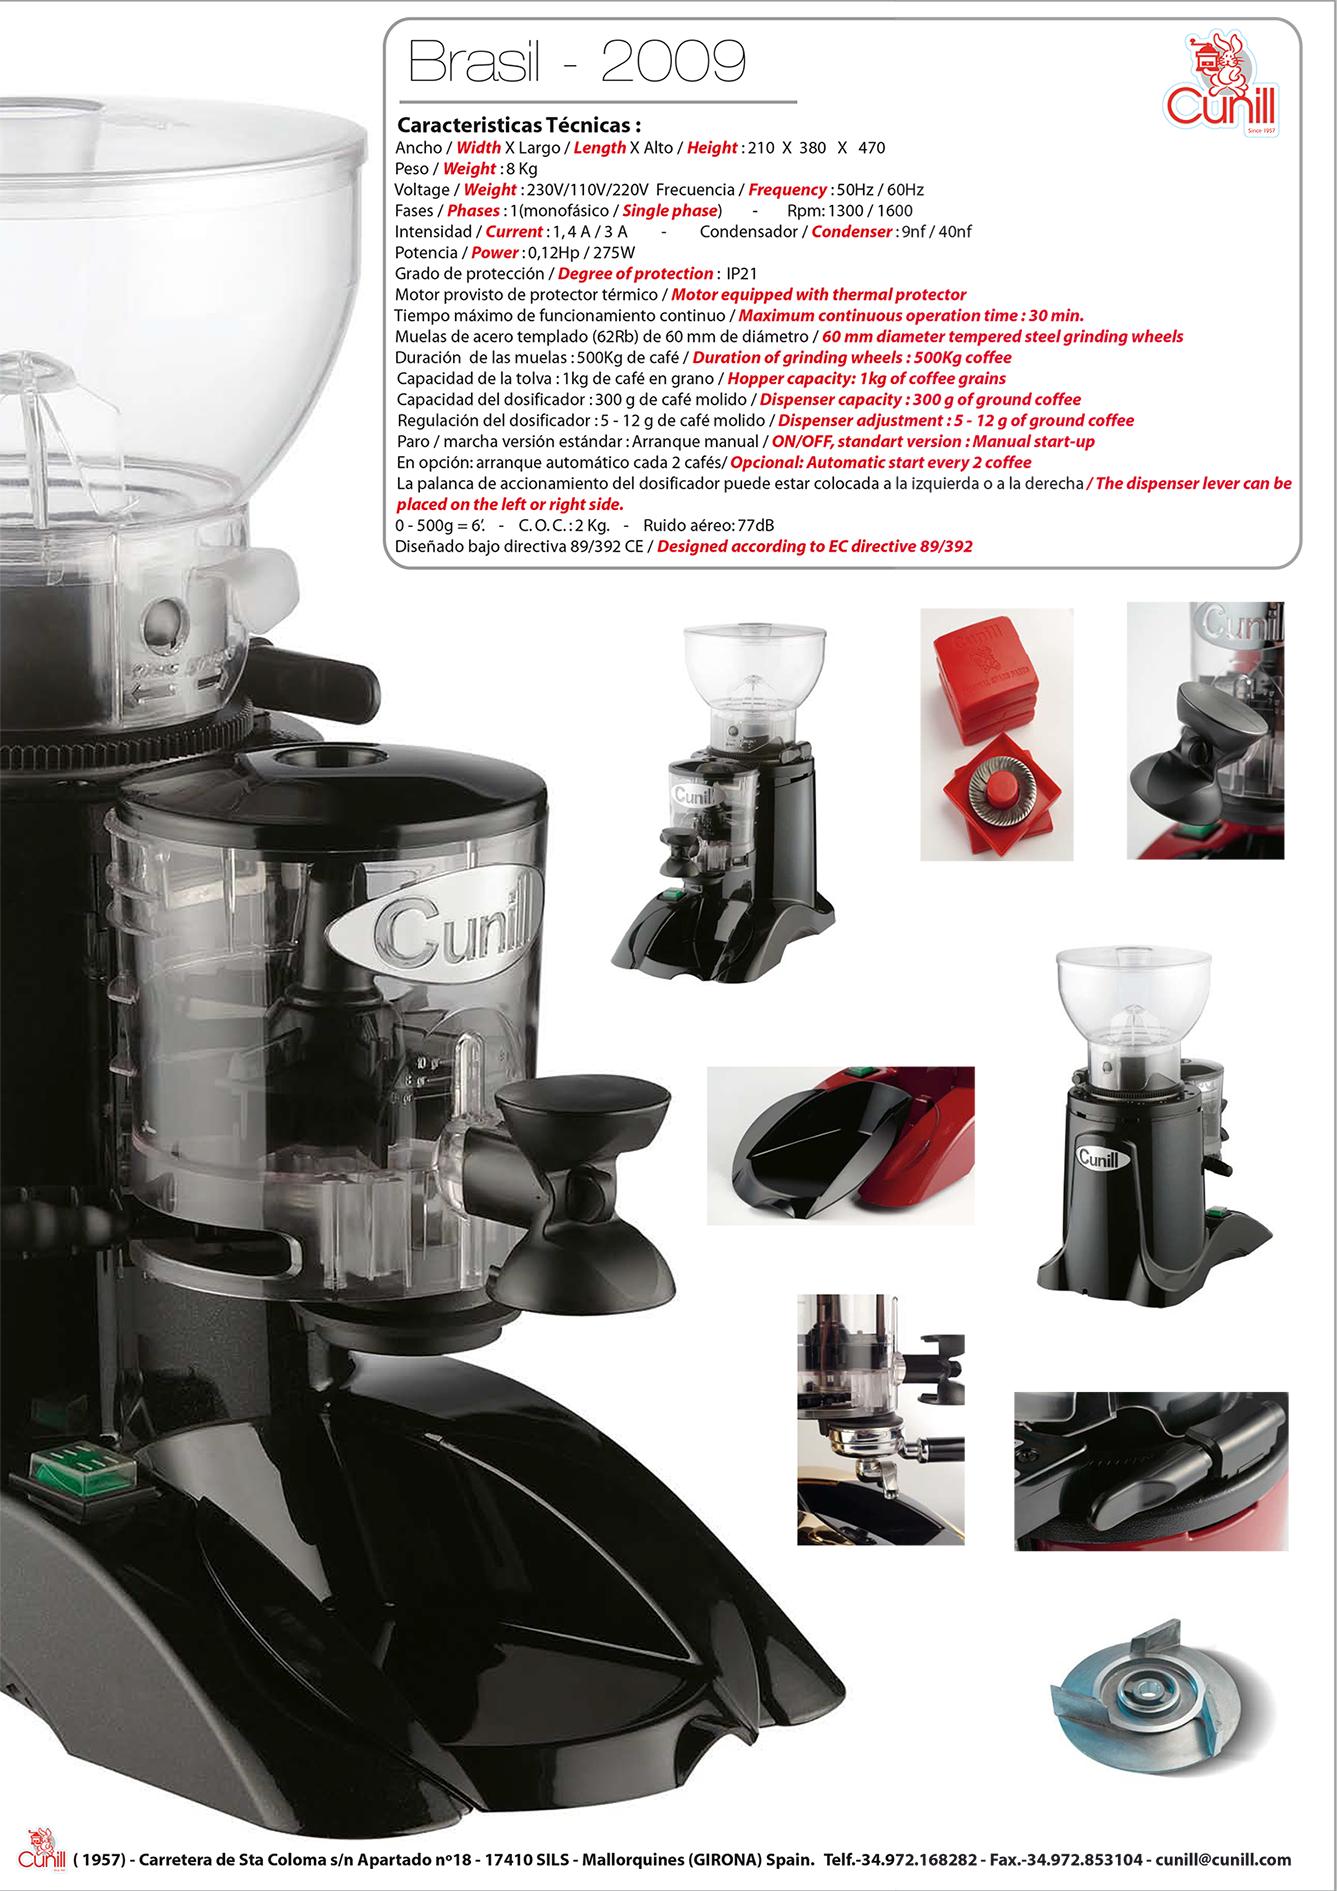 Thông số kỹ thuật máy Xoay cafe Brasil